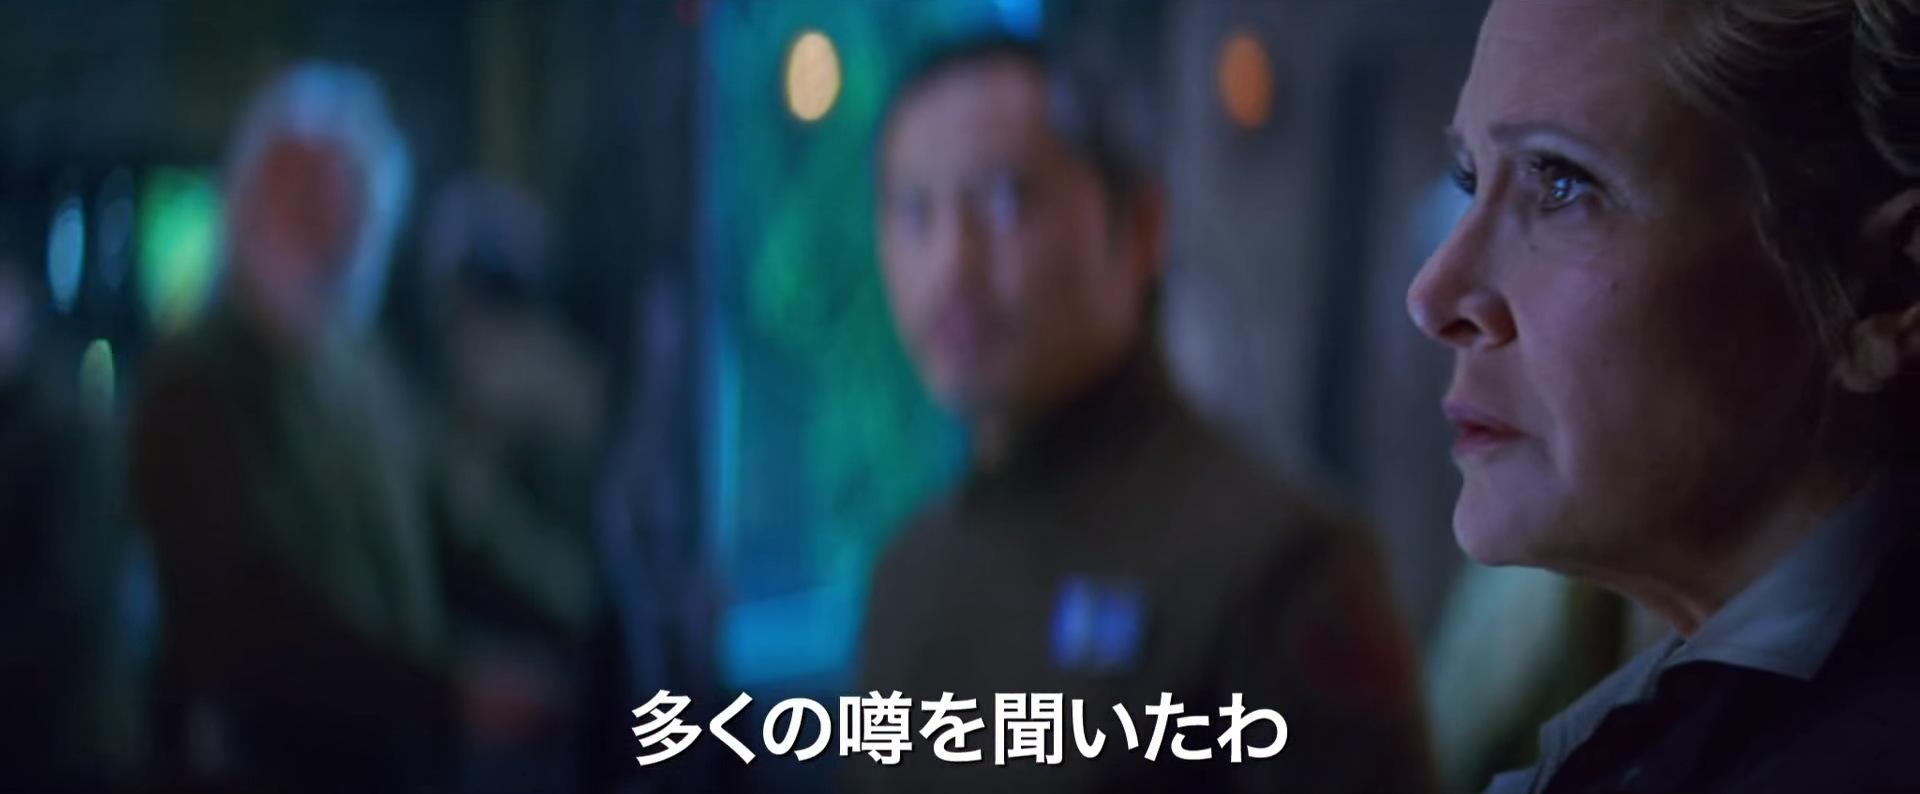 Star Wars Episode VII (9)